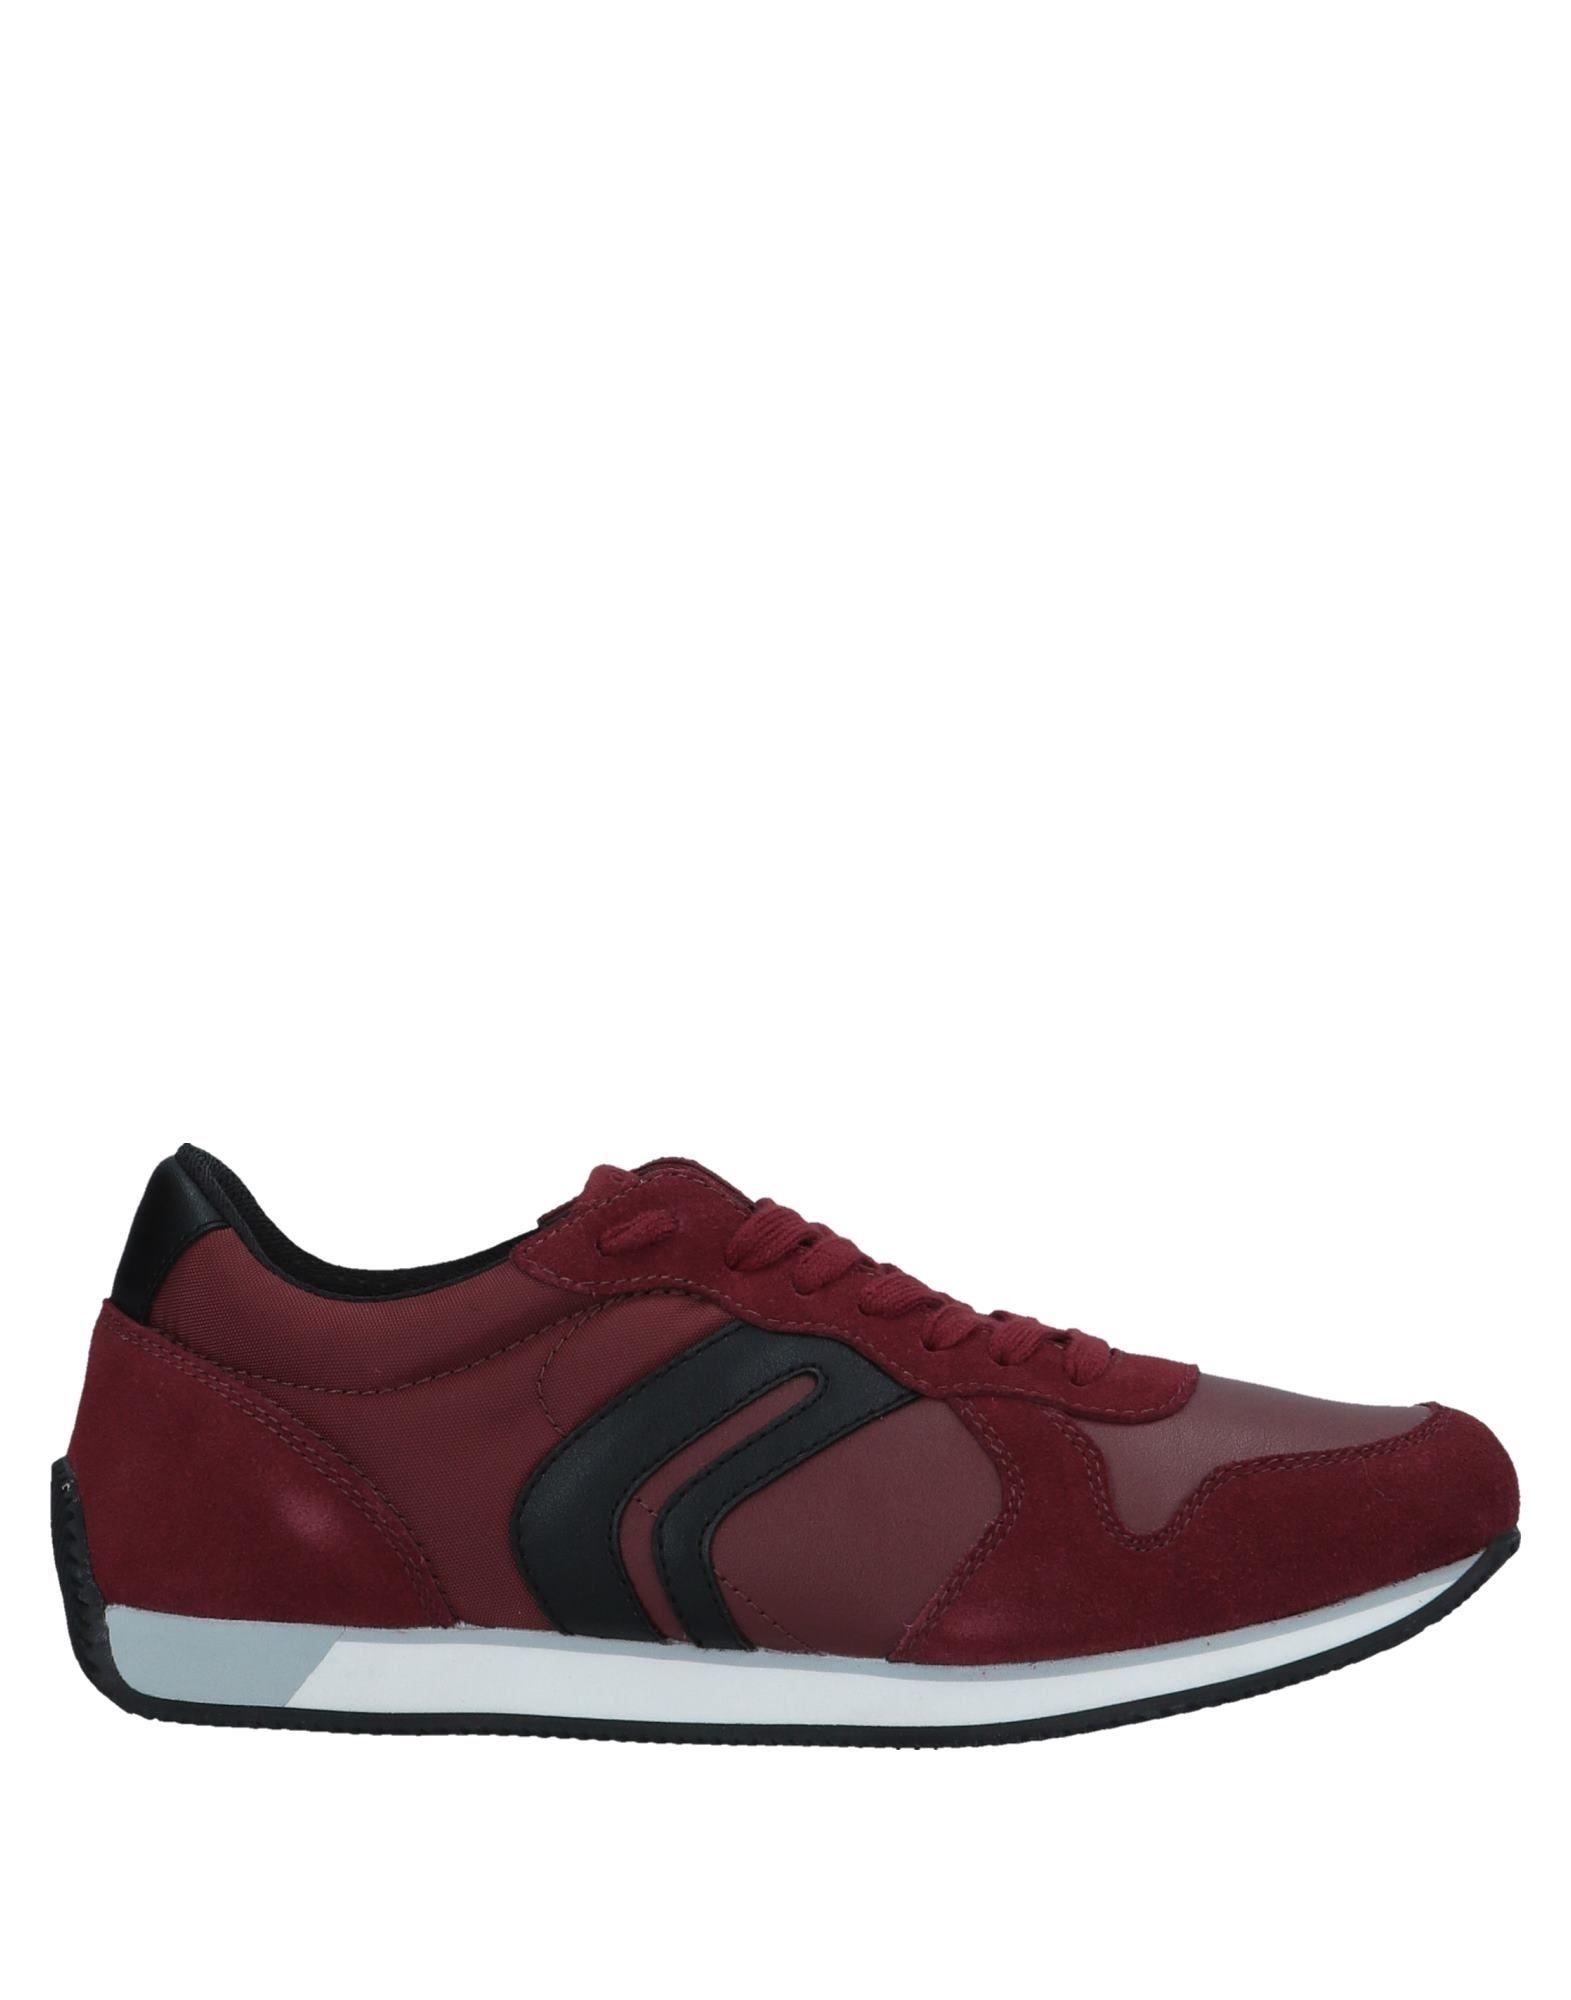 Scarpe economiche e resistenti Sneakers Geox Uomo - 11540973GM